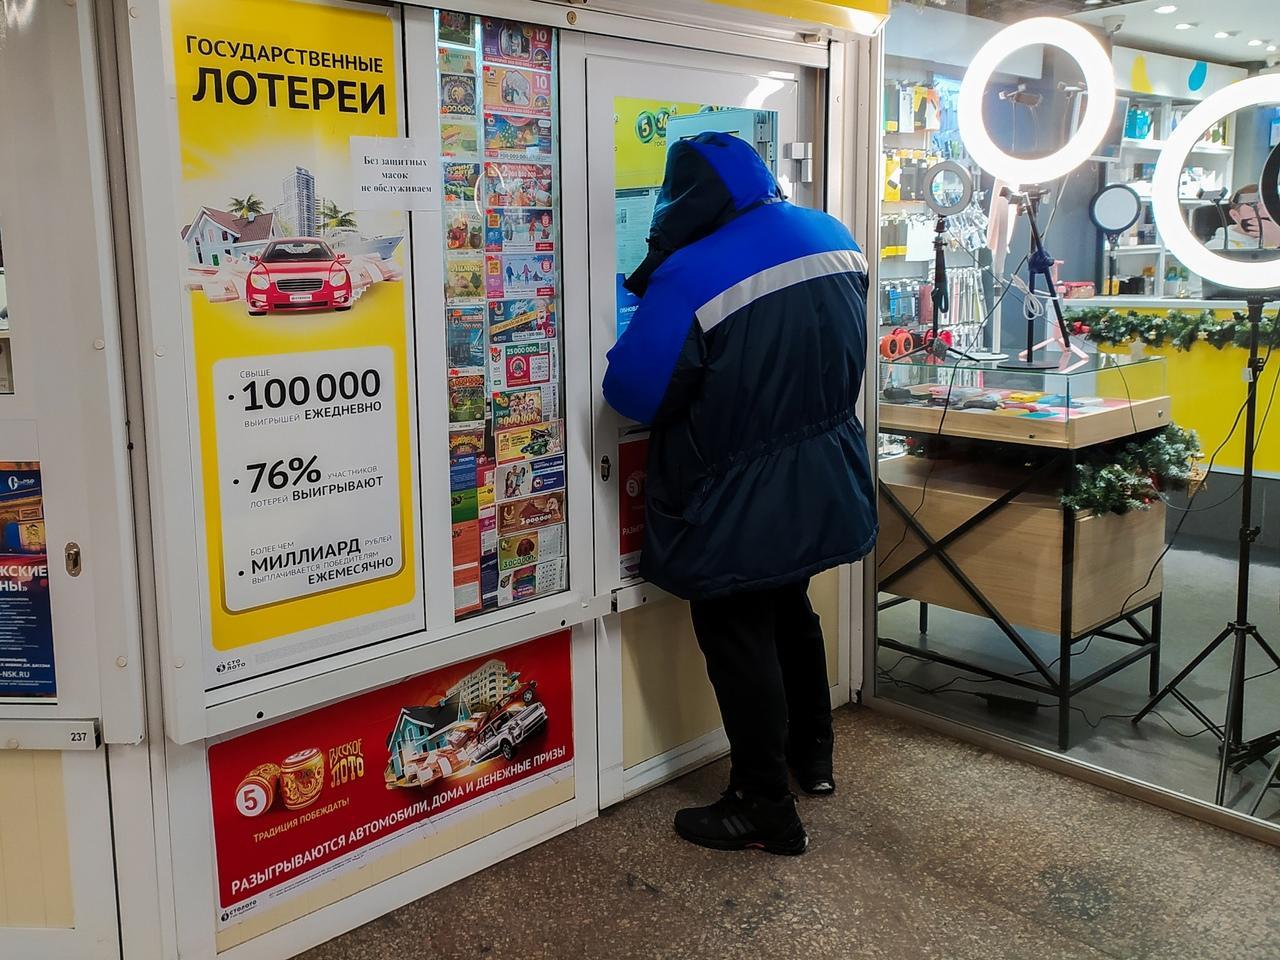 фото «Гонка за миллионом»: новосибирцы ринулись скупать лотерейные билеты с умопомрачительным выигрышем 5